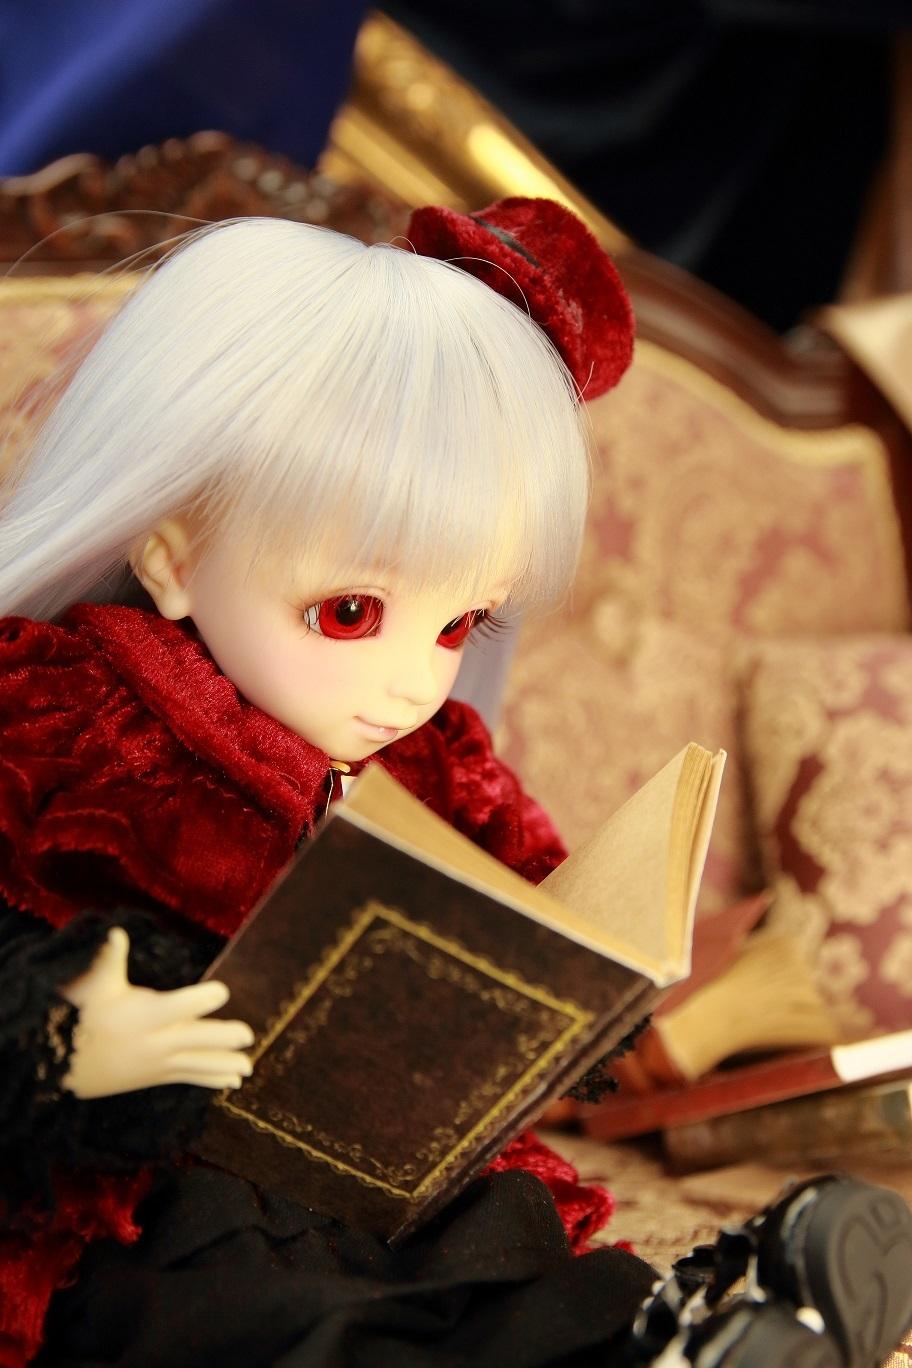 _MG_0983.jpg